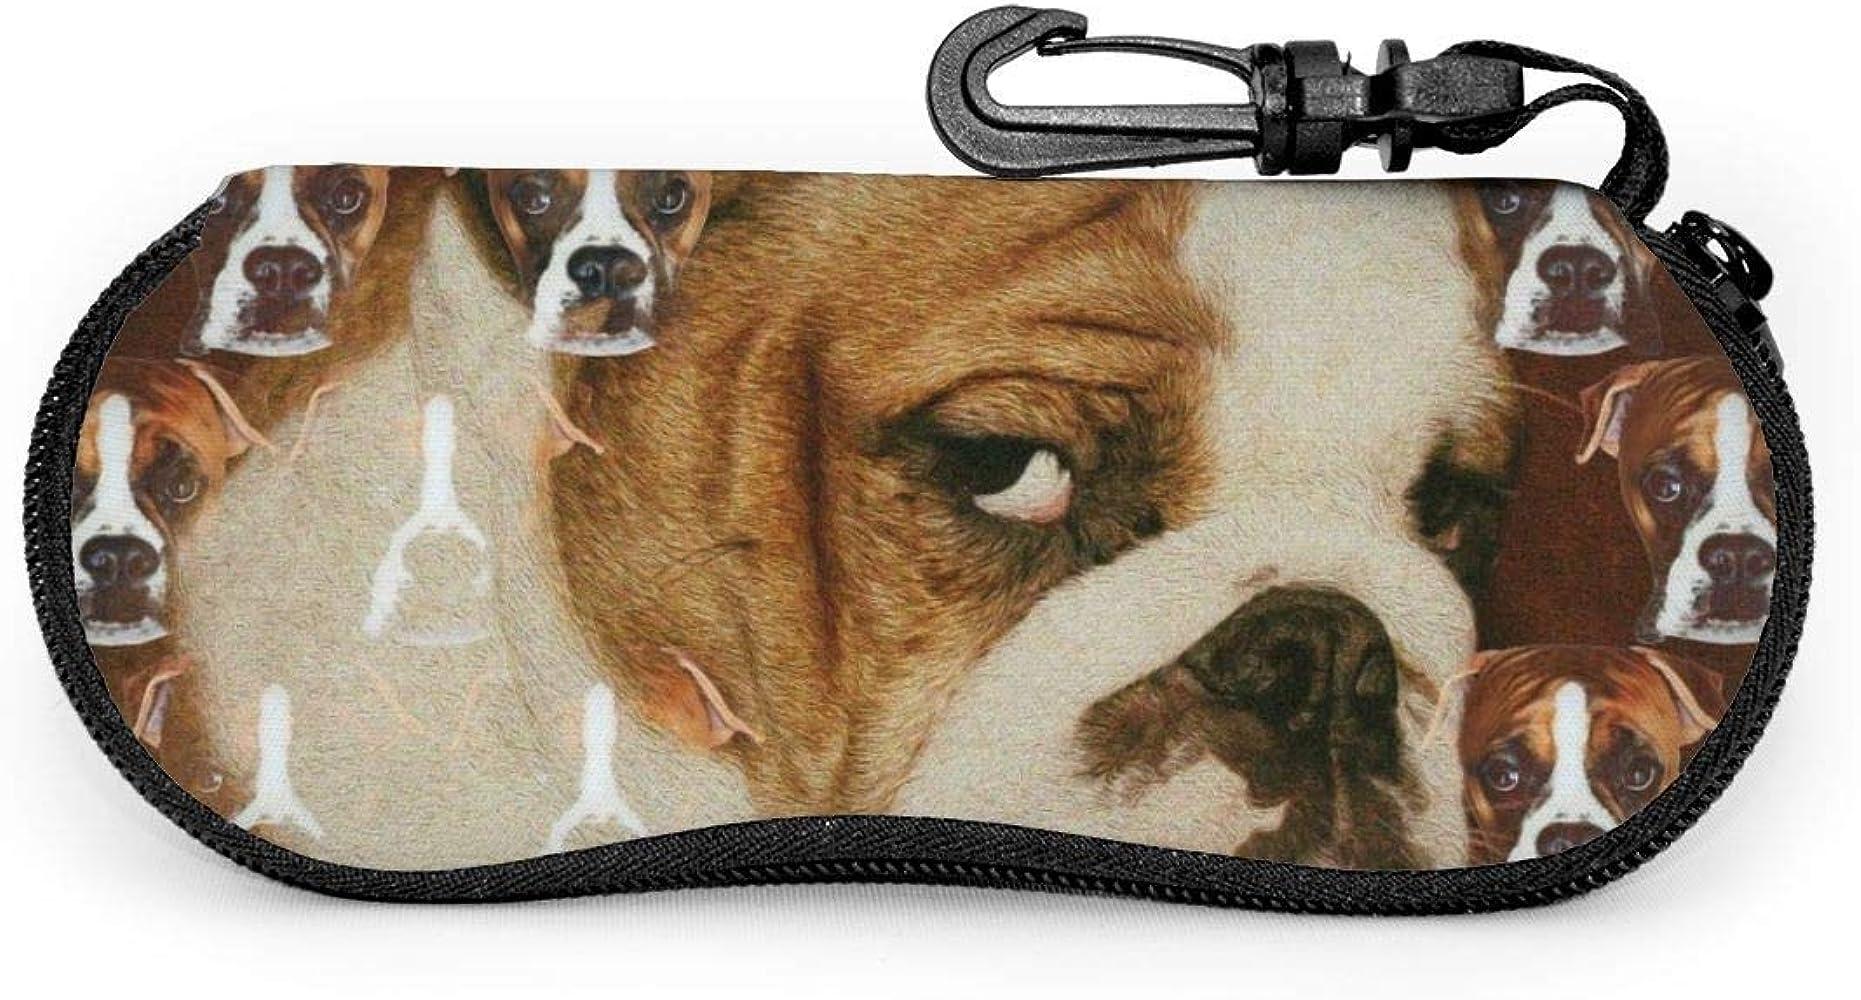 Bran-don Gafas de sol de Bulldog inglés peludo con hebilla de bloqueo Estuche de gafas de bolsa suave: Amazon.es: Ropa y accesorios